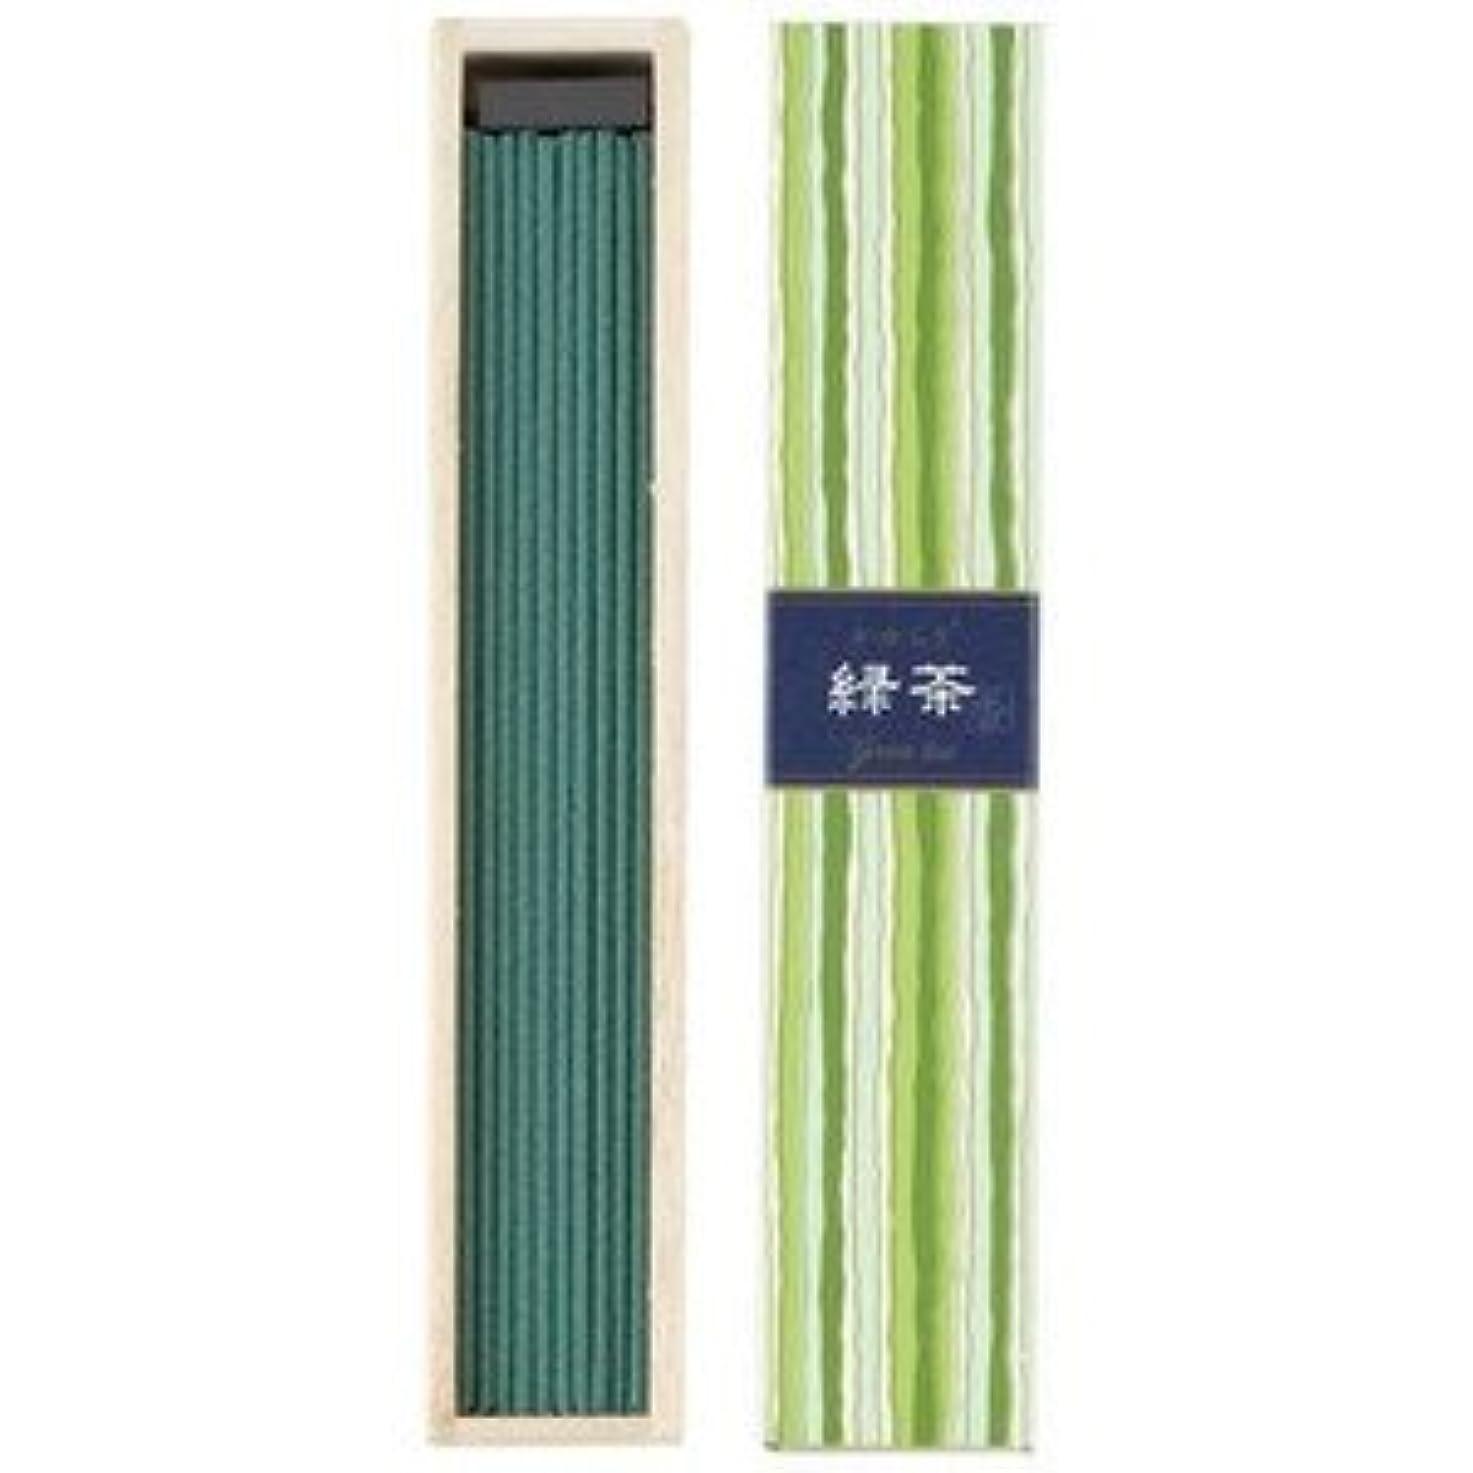 実験をする欠如ダイヤル日本香堂 かゆらぎスティック 緑茶